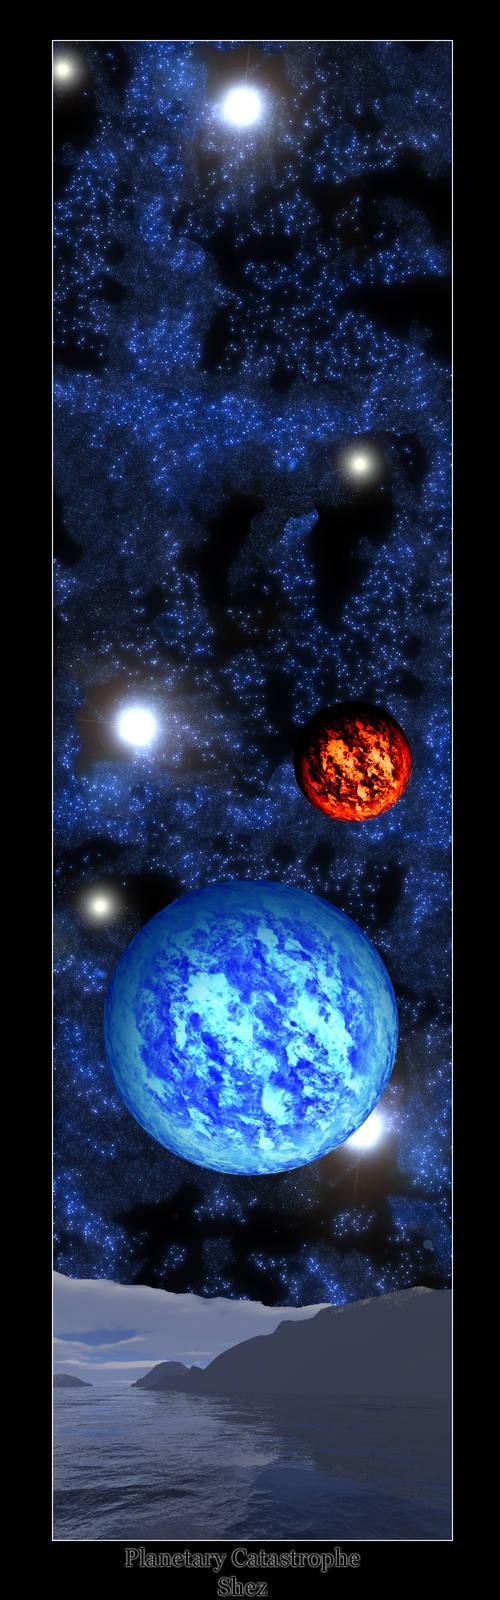 Planetary Catastrophe